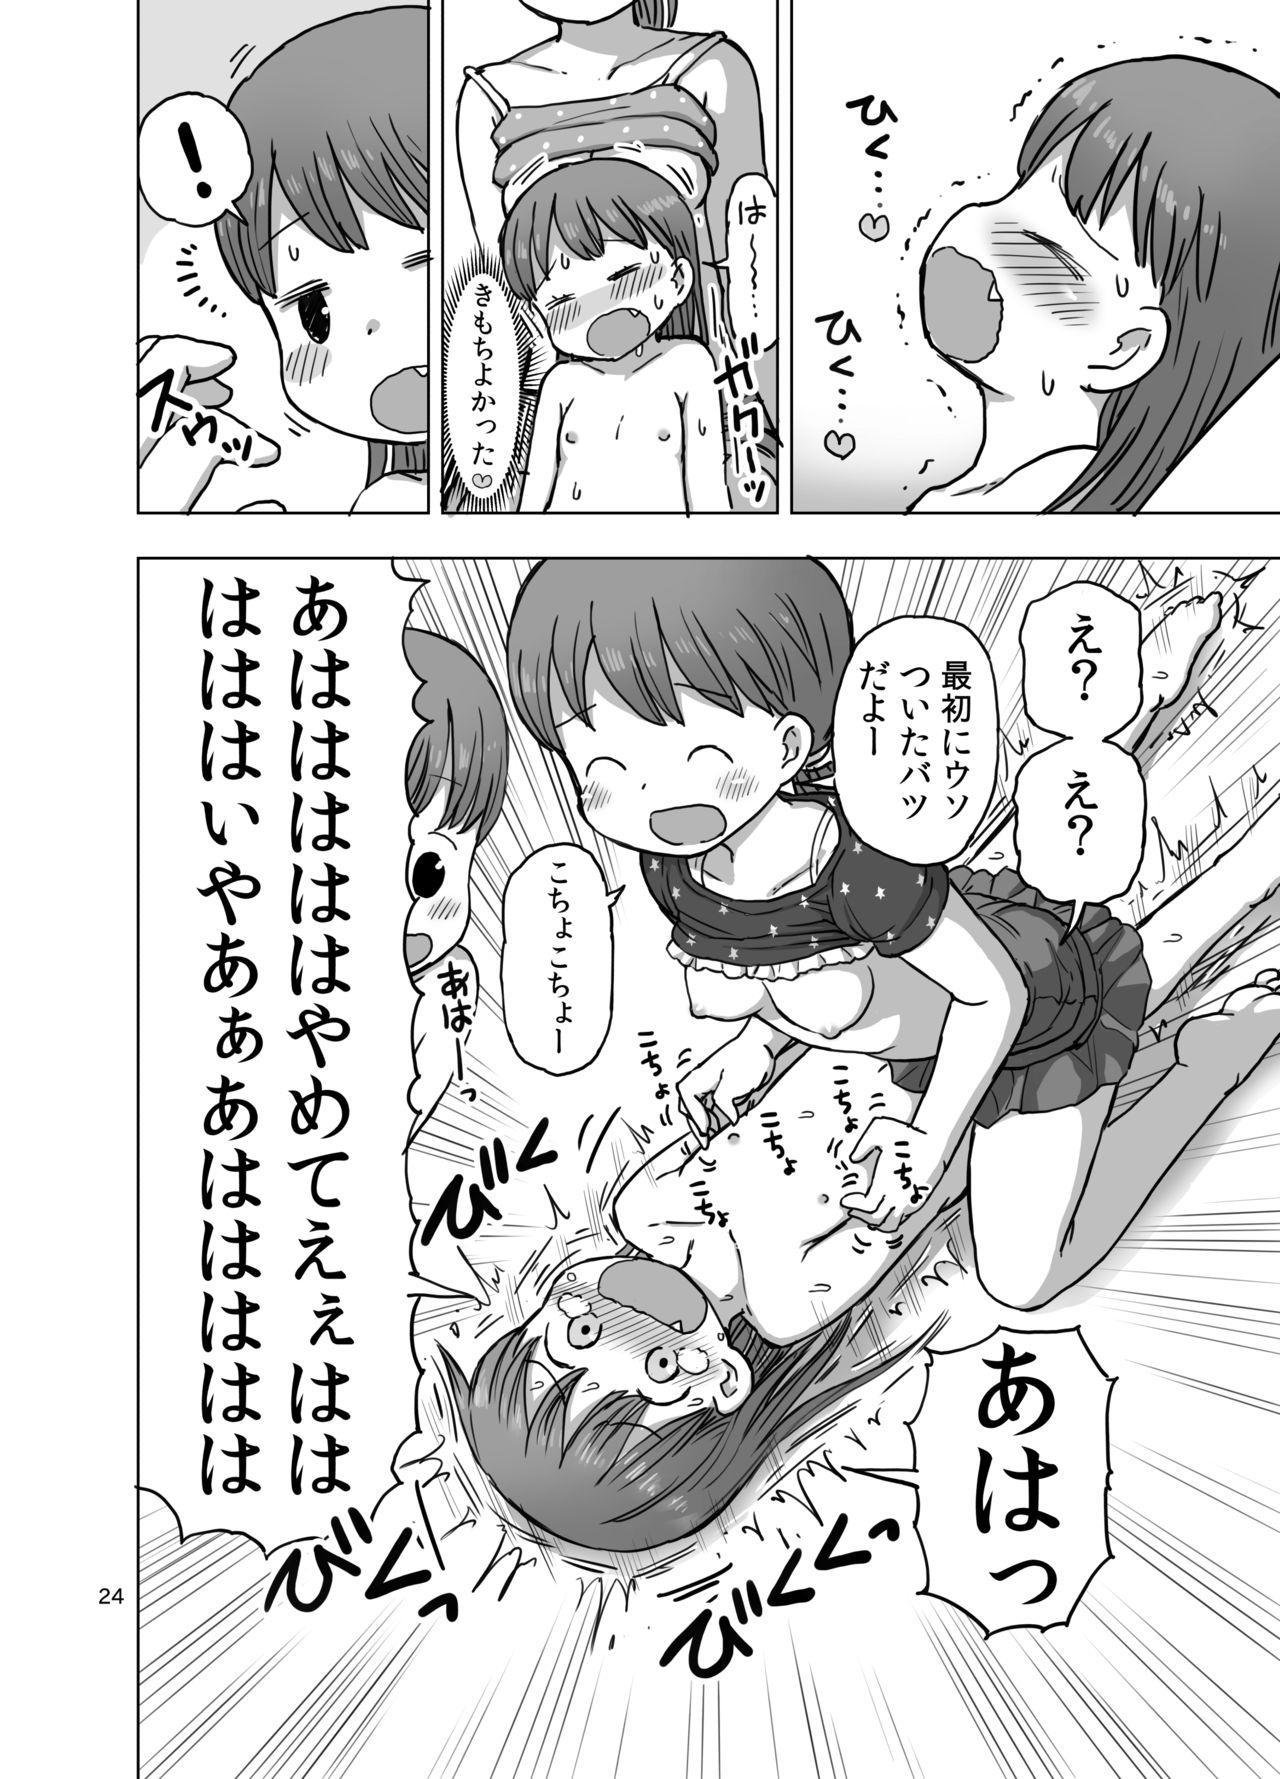 Feather Touch de Jirasarete Onanie Shichau Manga 22